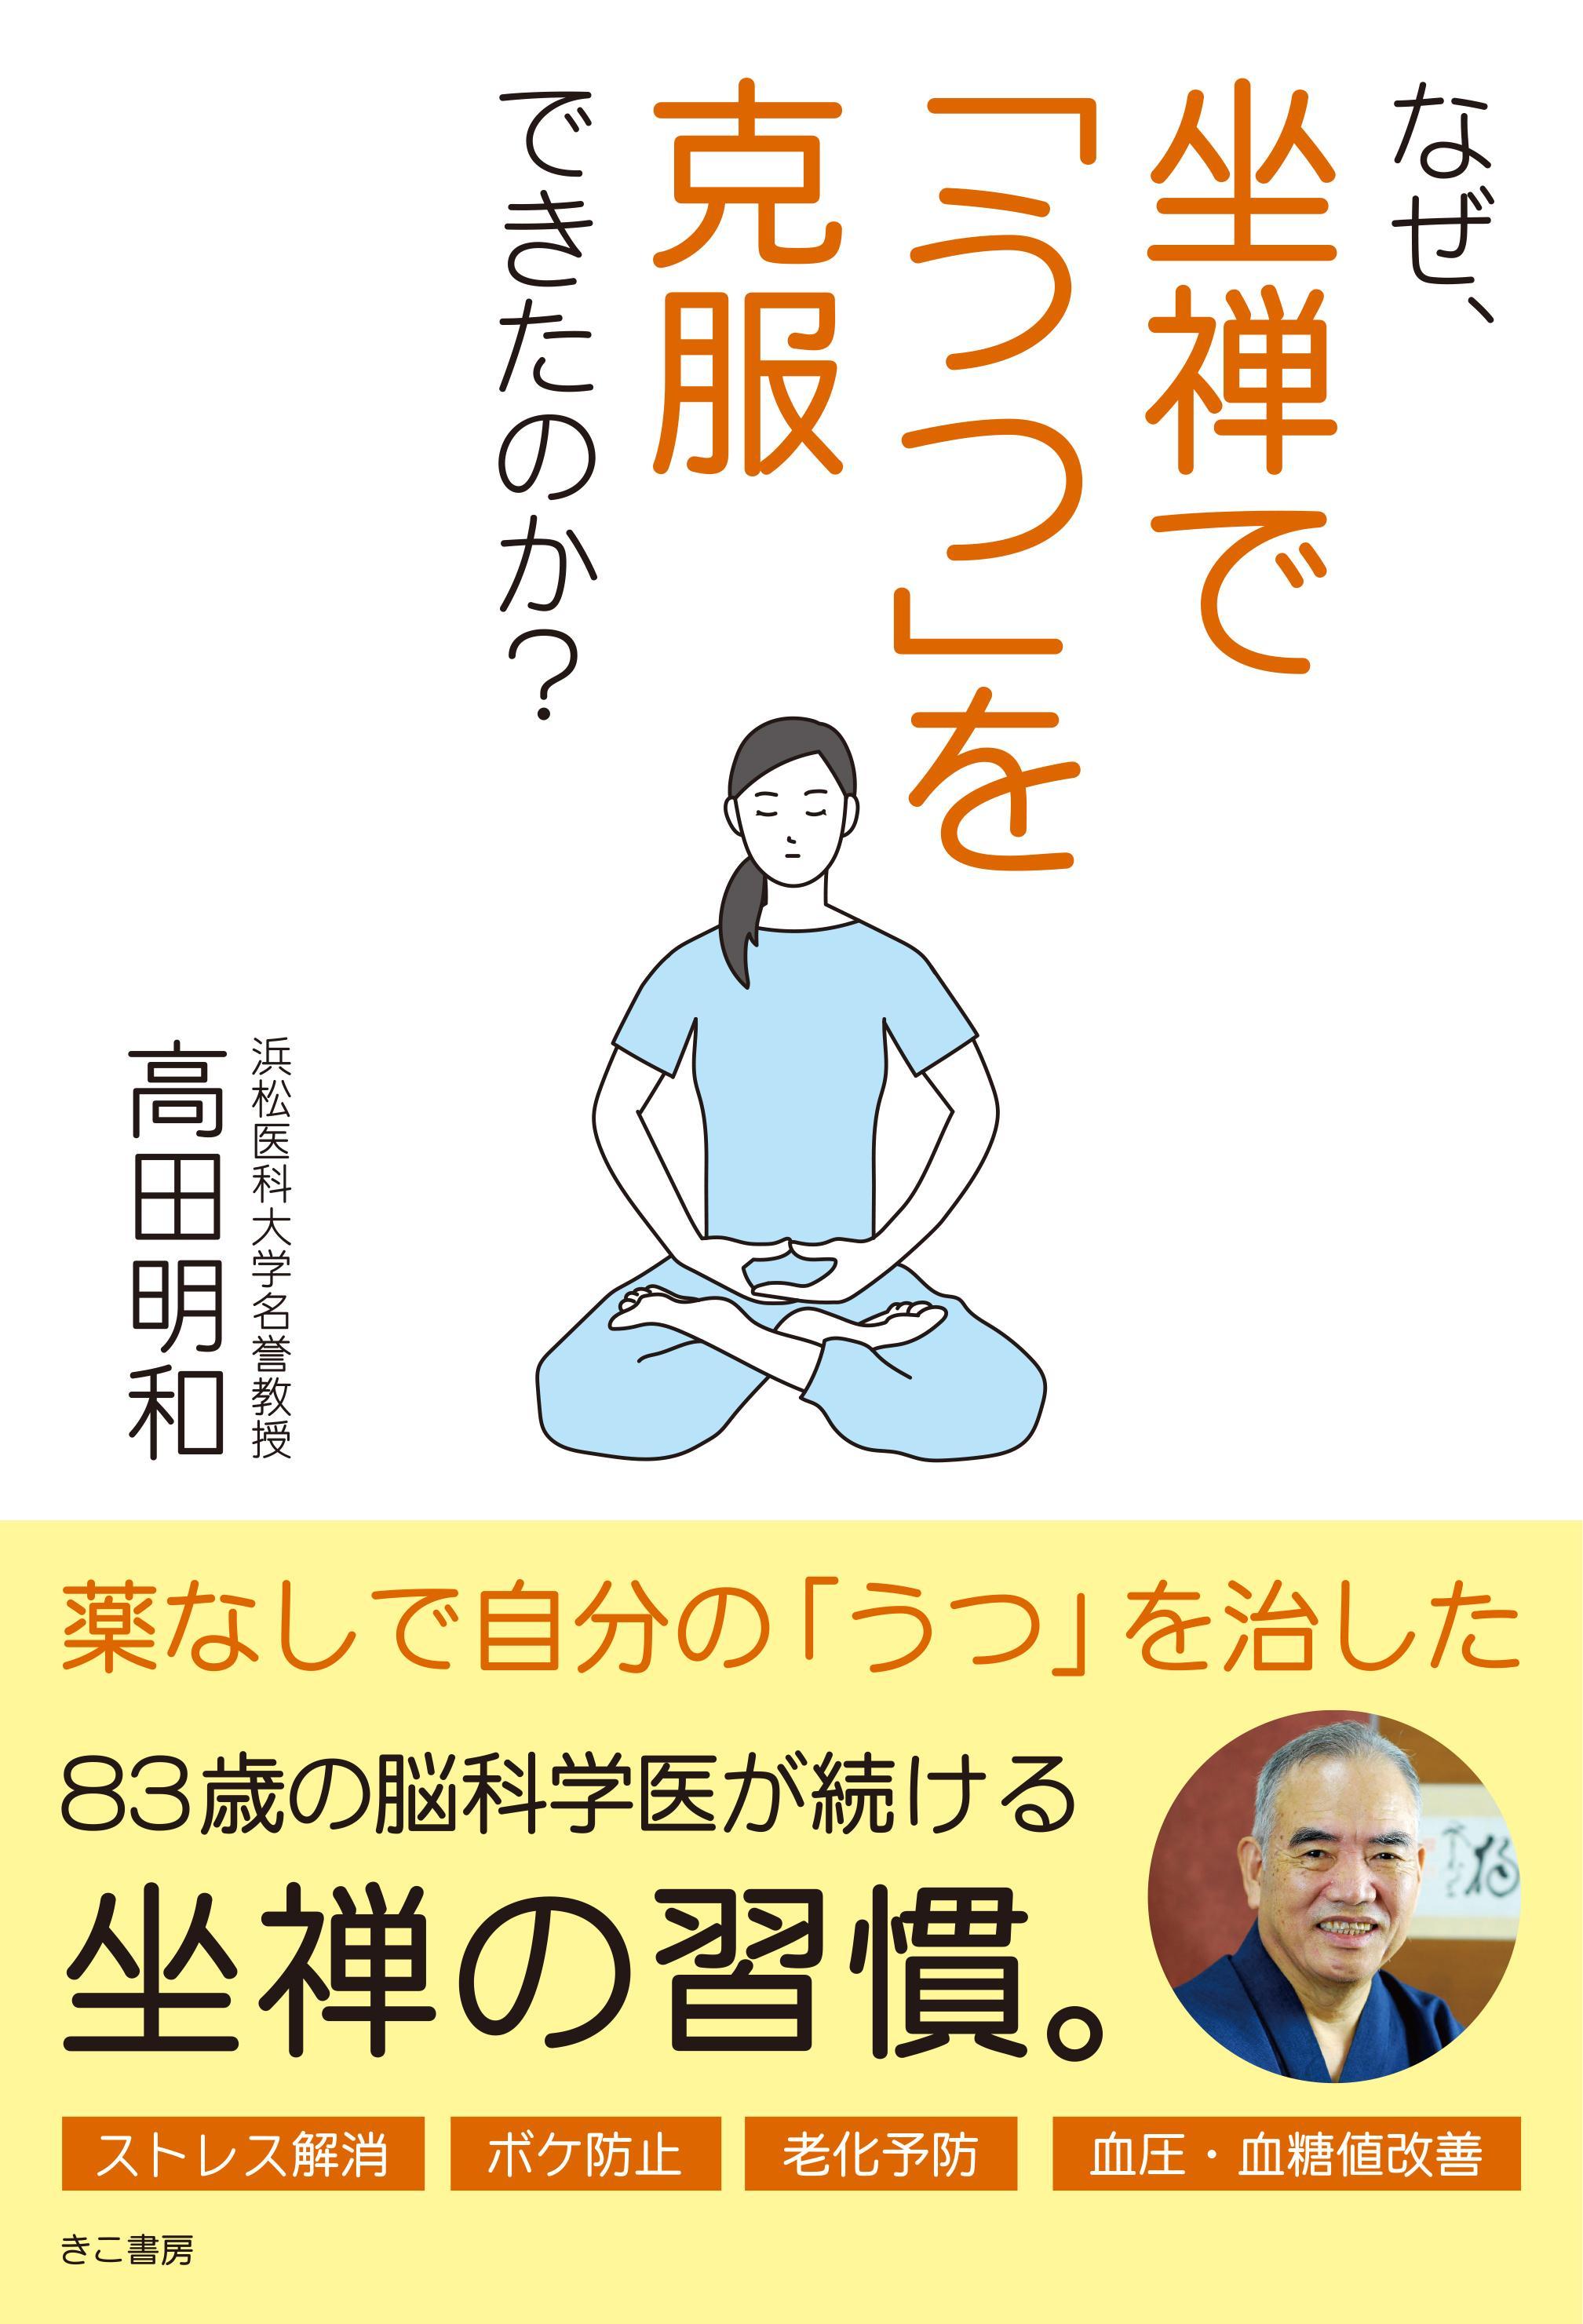 表紙:なぜ、坐禅で「うつ」を克服できたのか?